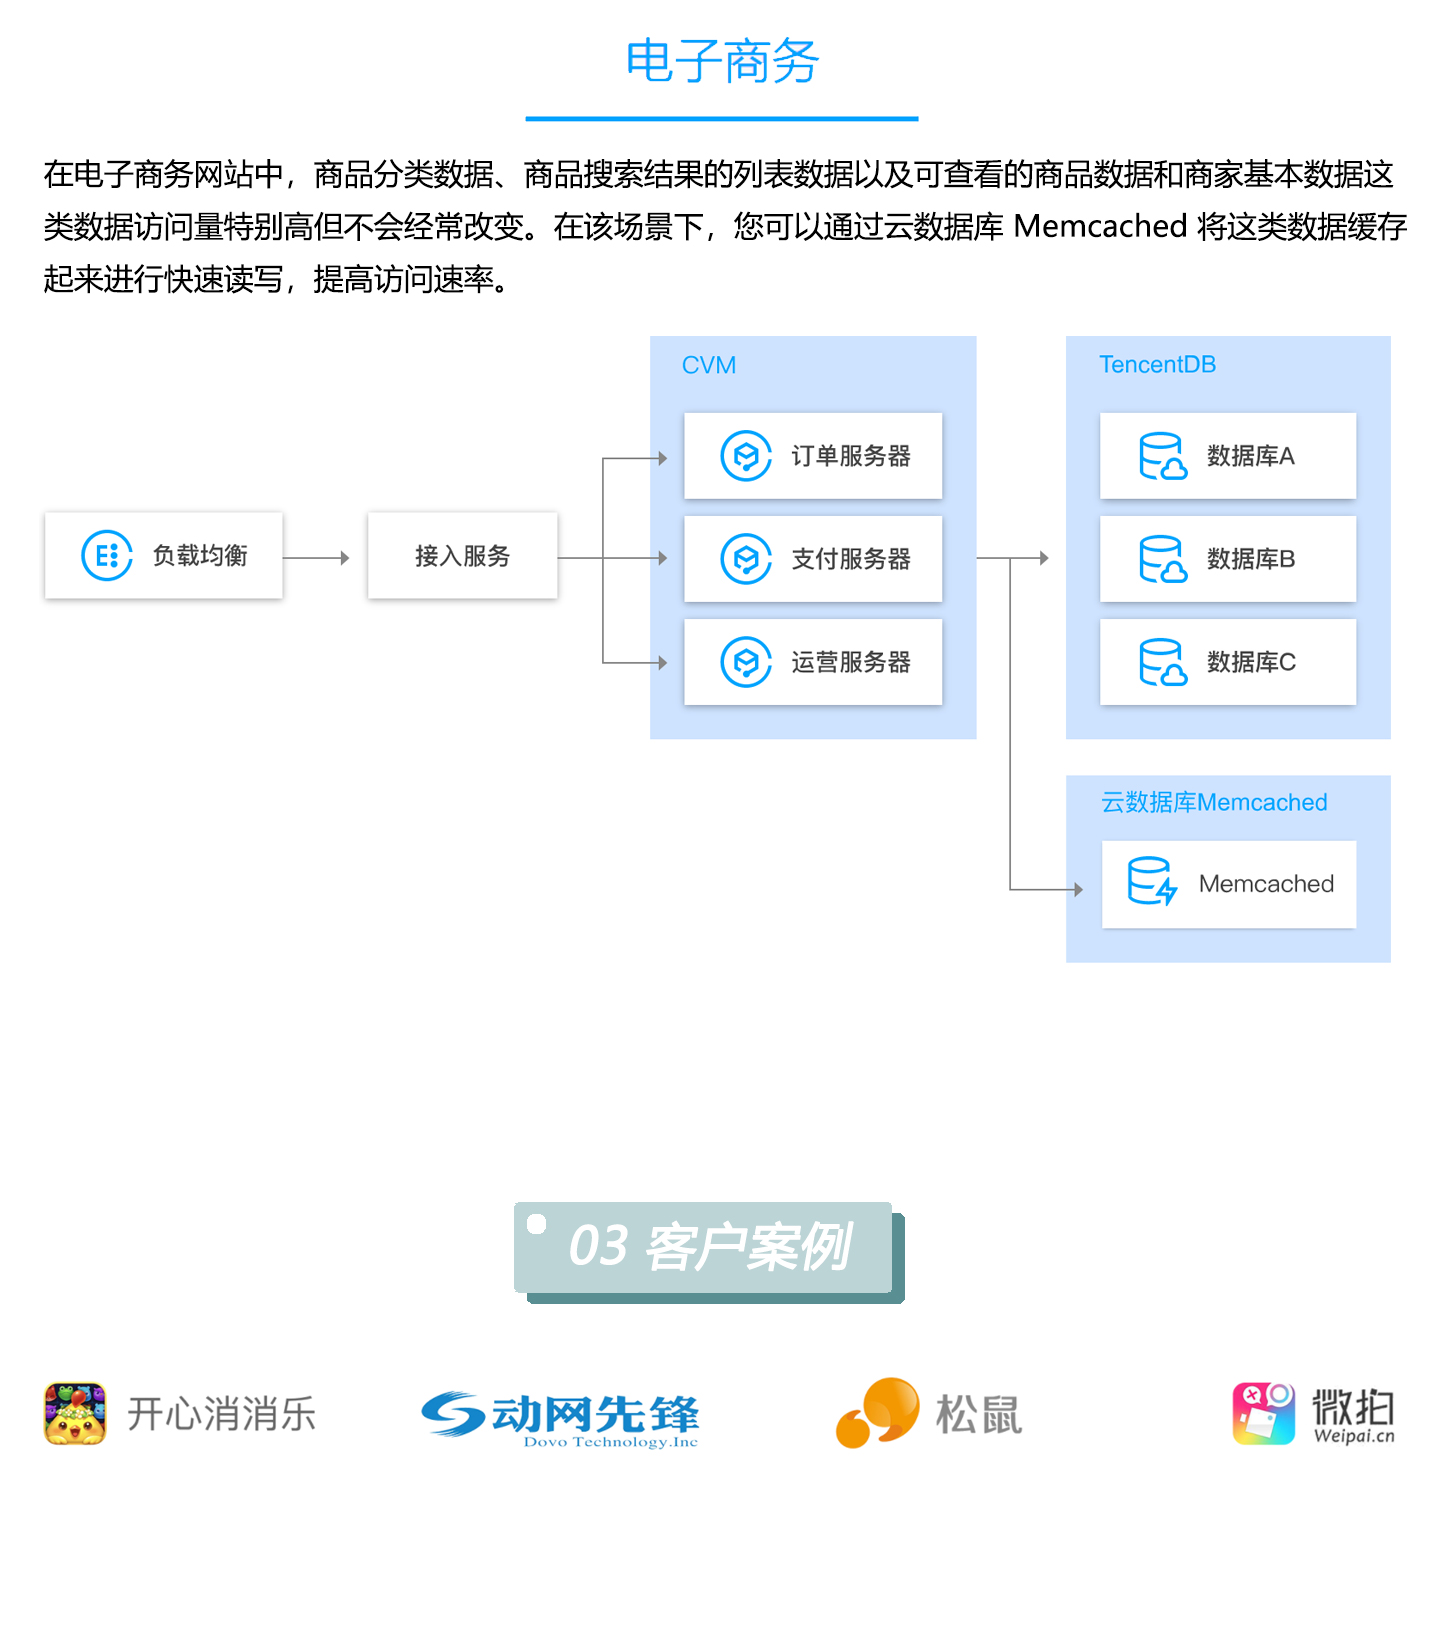 云数据库-TencentDB-for-Memcached1440_04.jpg